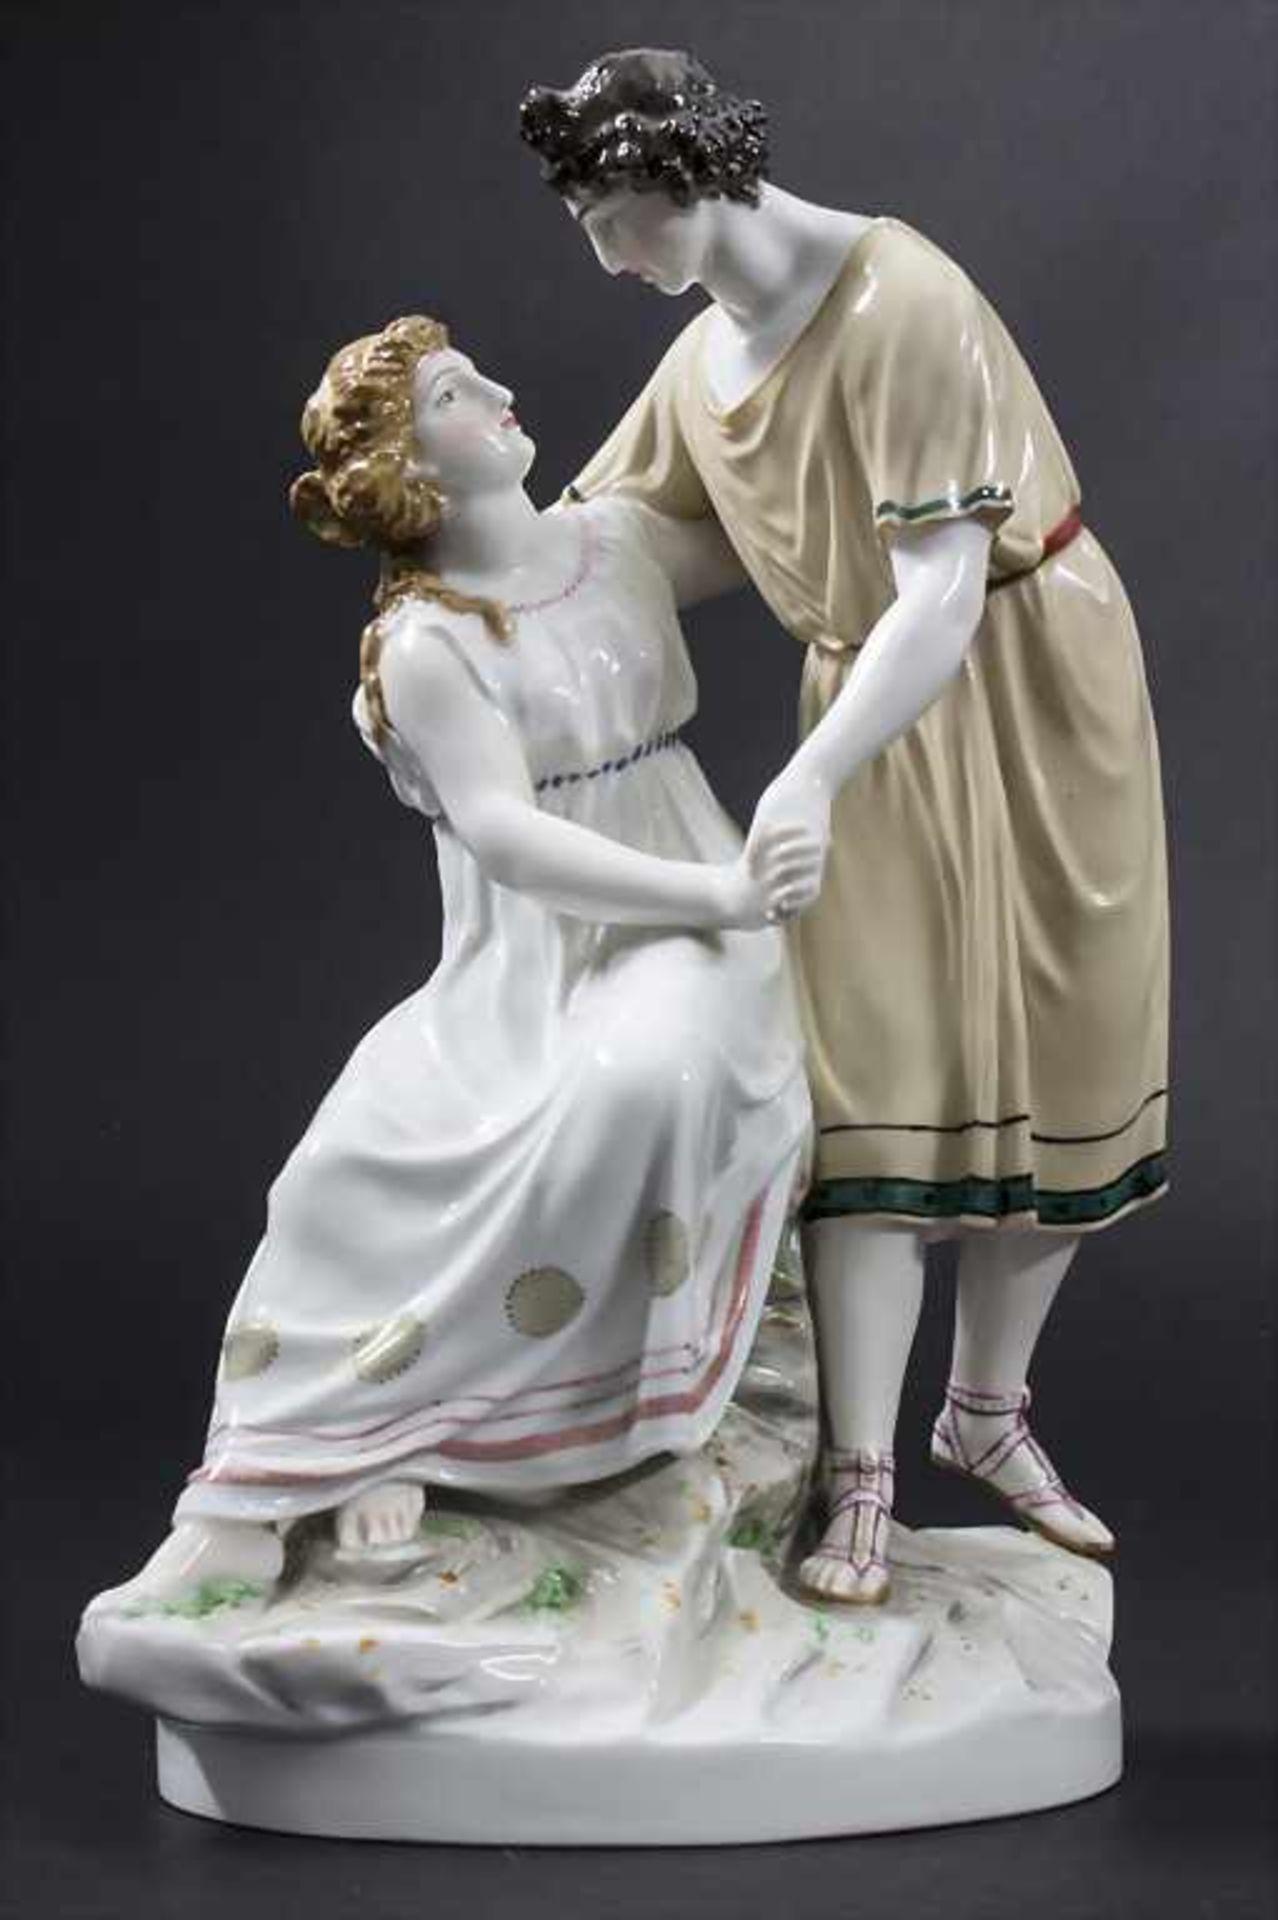 Jugendstil Darstellung 'Apollo und Isse' mit einem Schaf / An Art Nouveau figural group of 'Apollo